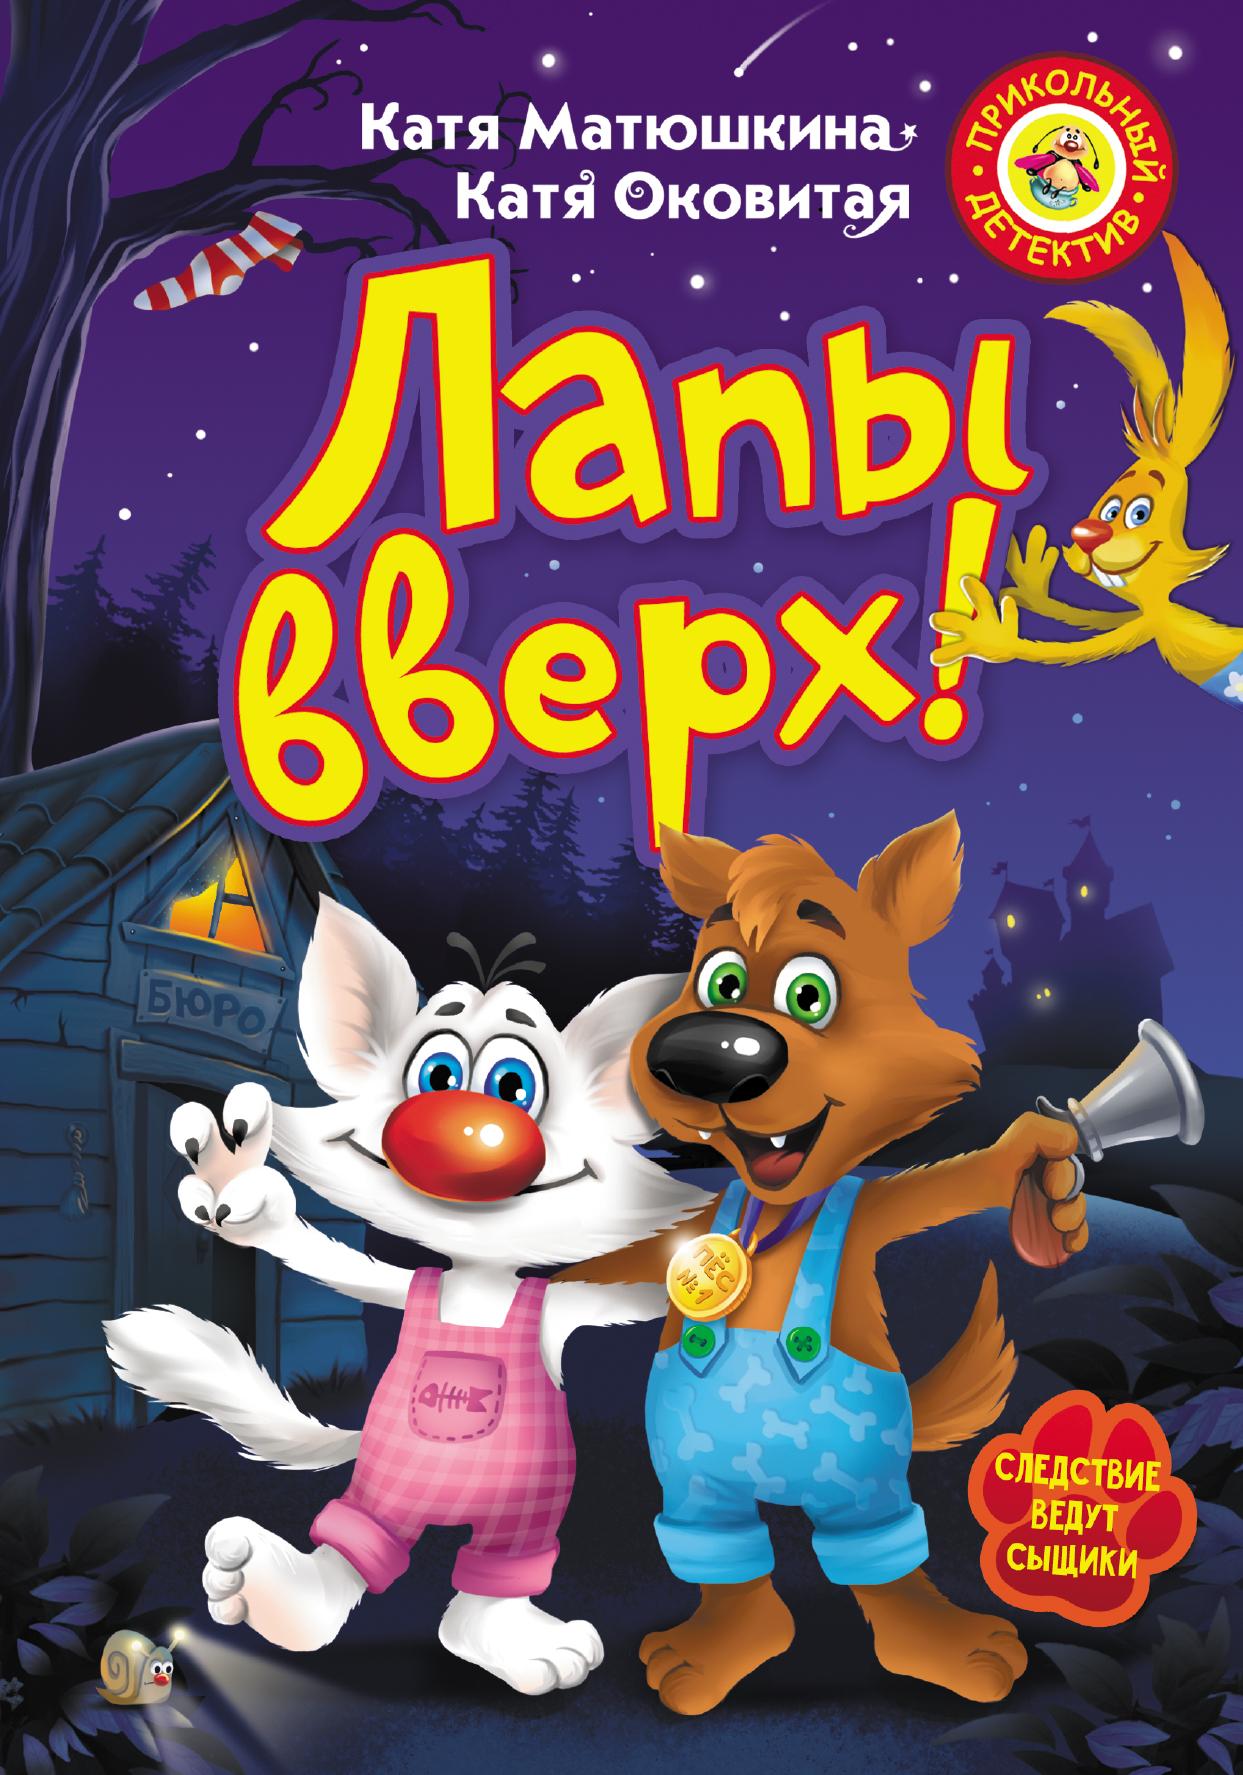 Катя Матюшкина, Катя Оковитая Лапы вверх! катя матюшкина катя оковитая детективы фу фу и кис кис страшно и смешно